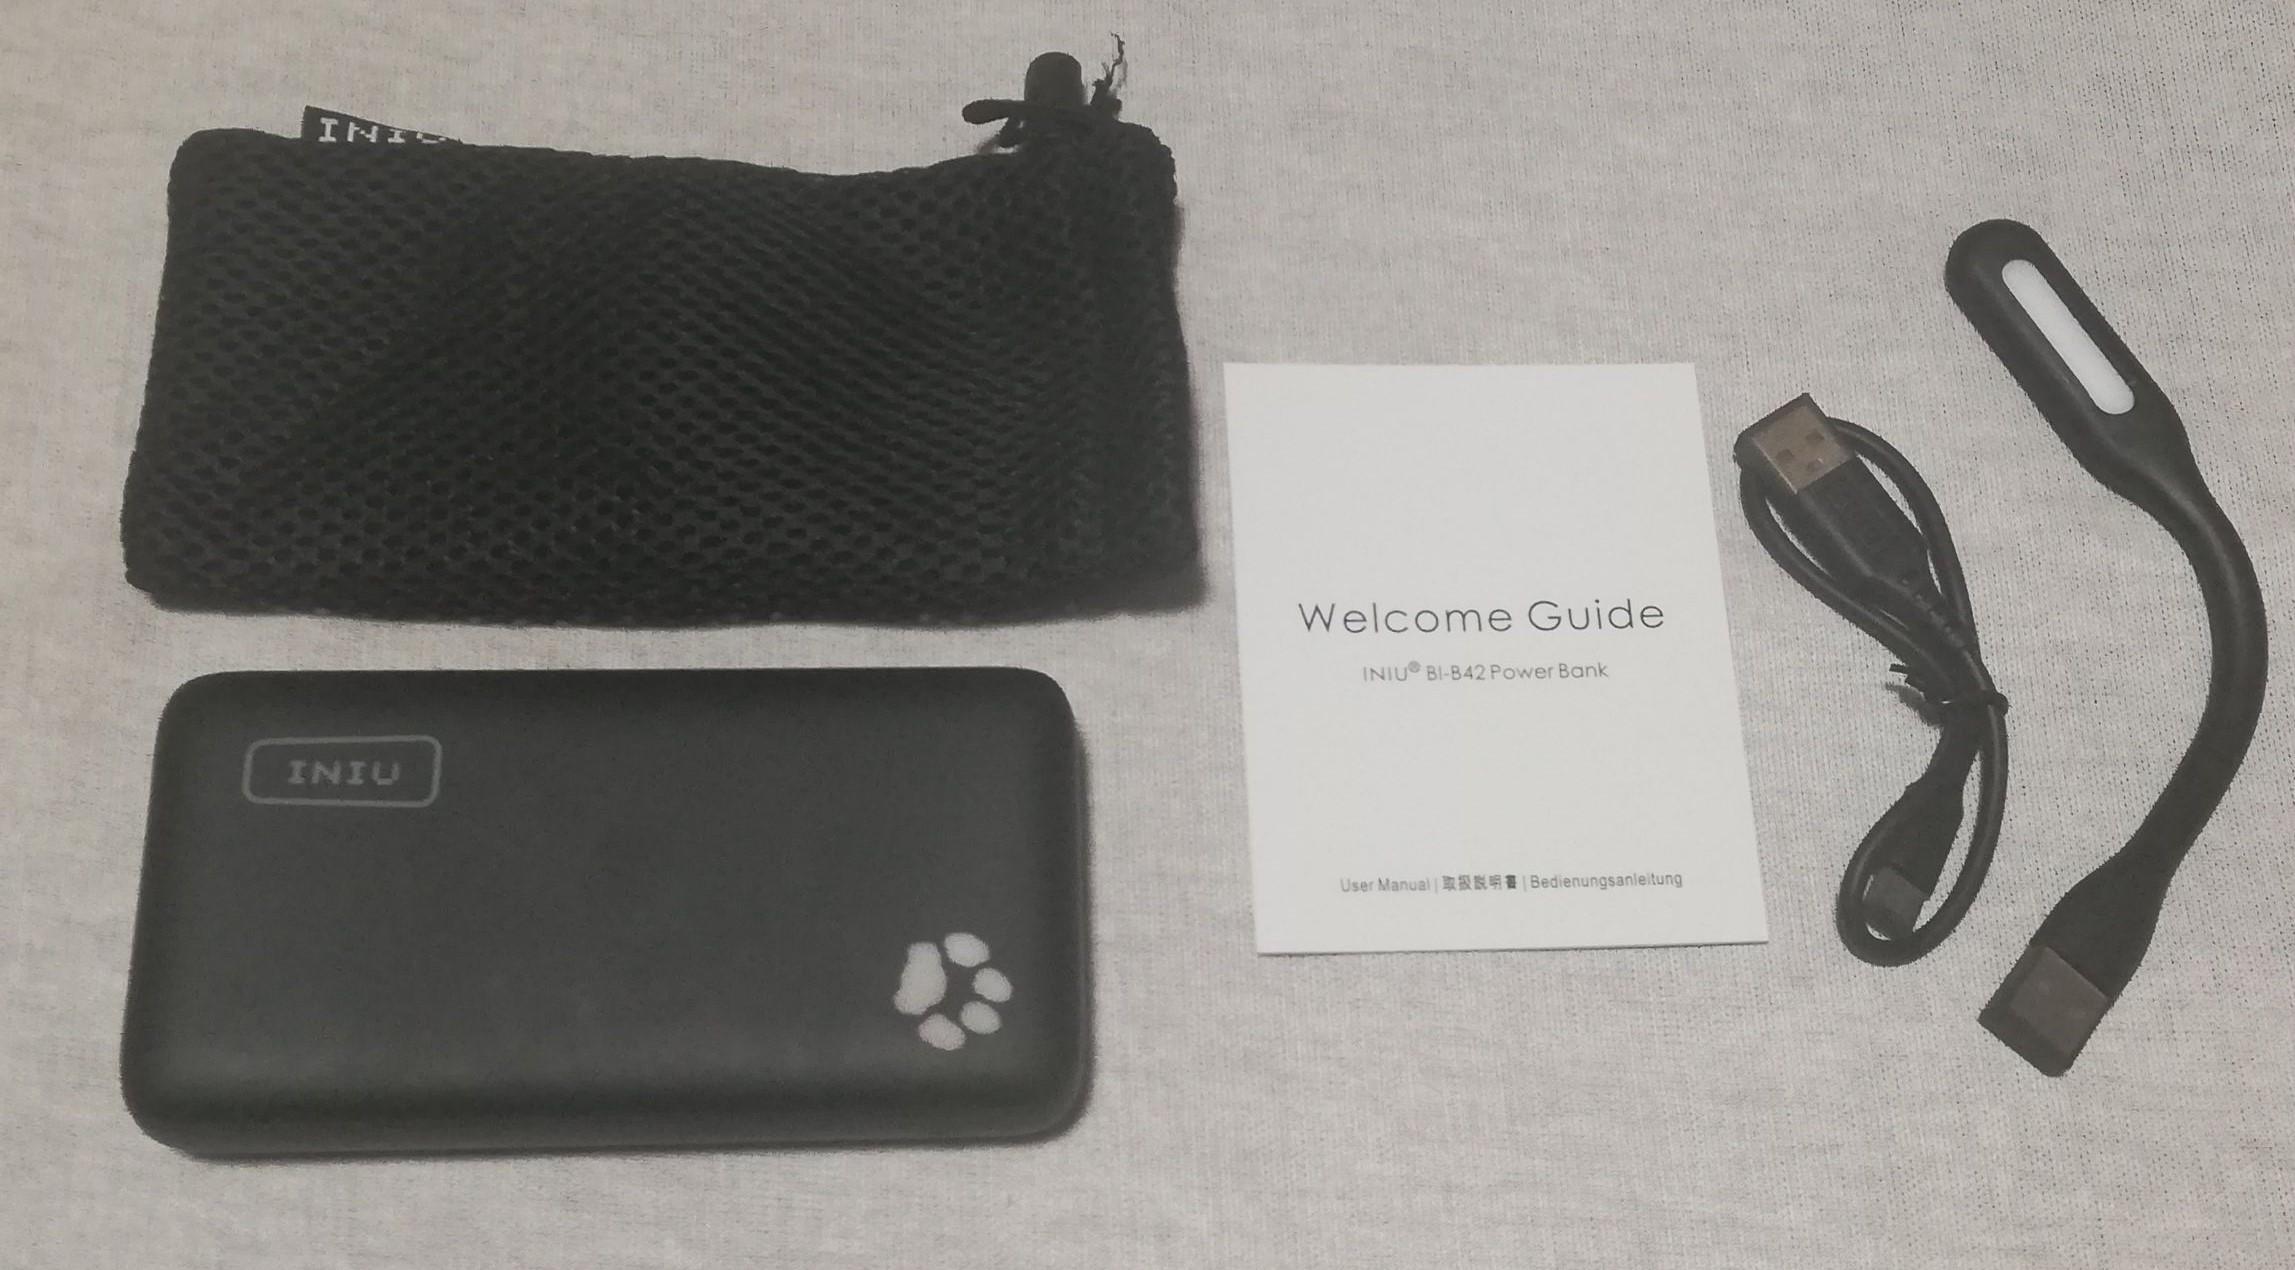 INIUのモバイルバッテリー(20000mAh)付属